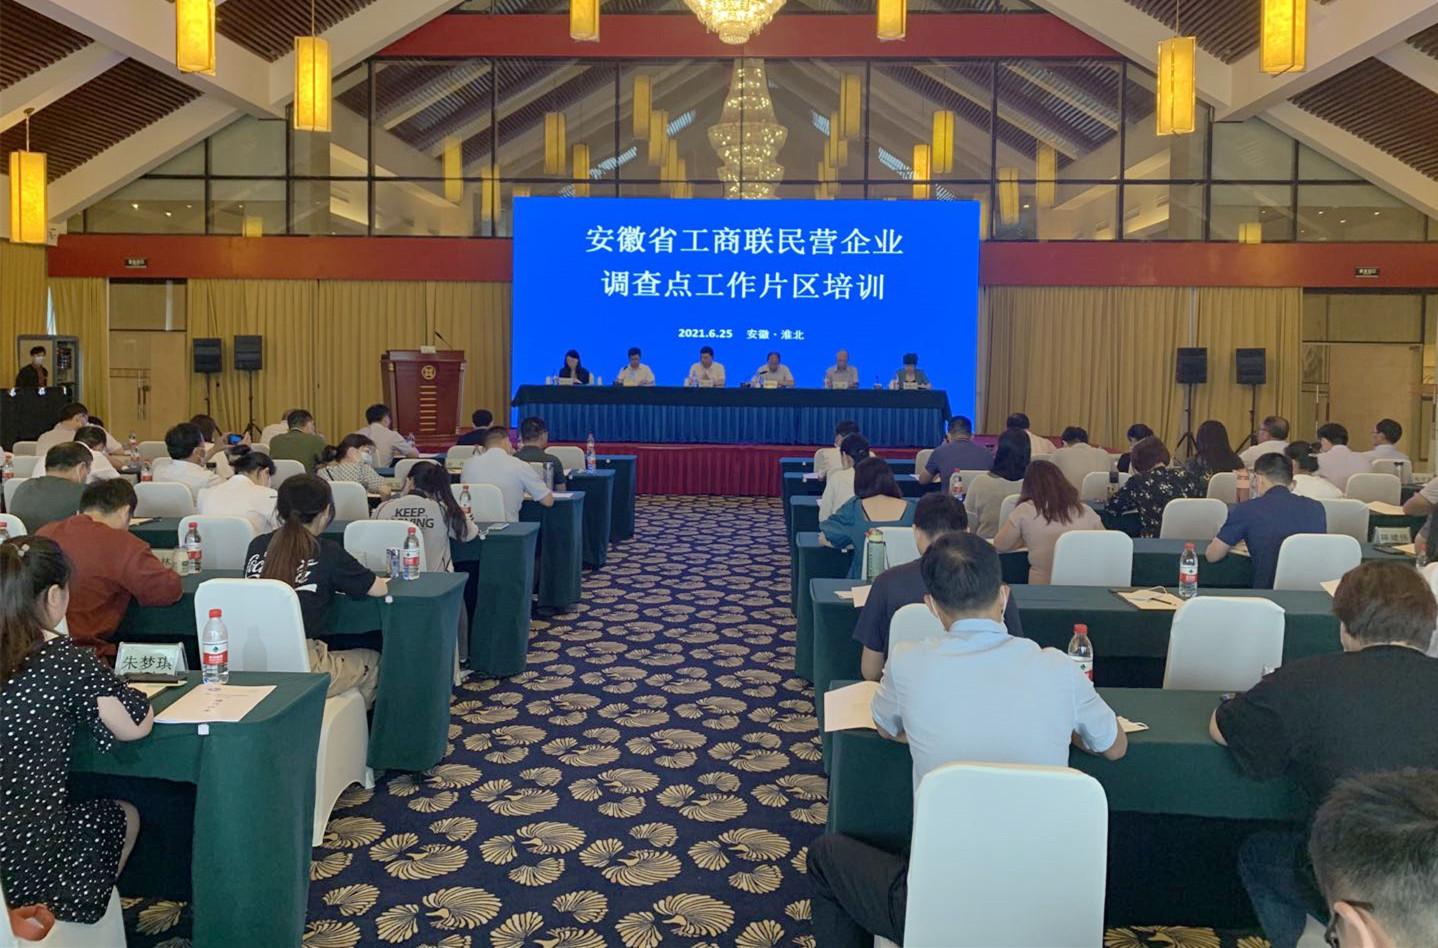 全省工商联民营企业调查点工作片区培训在淮